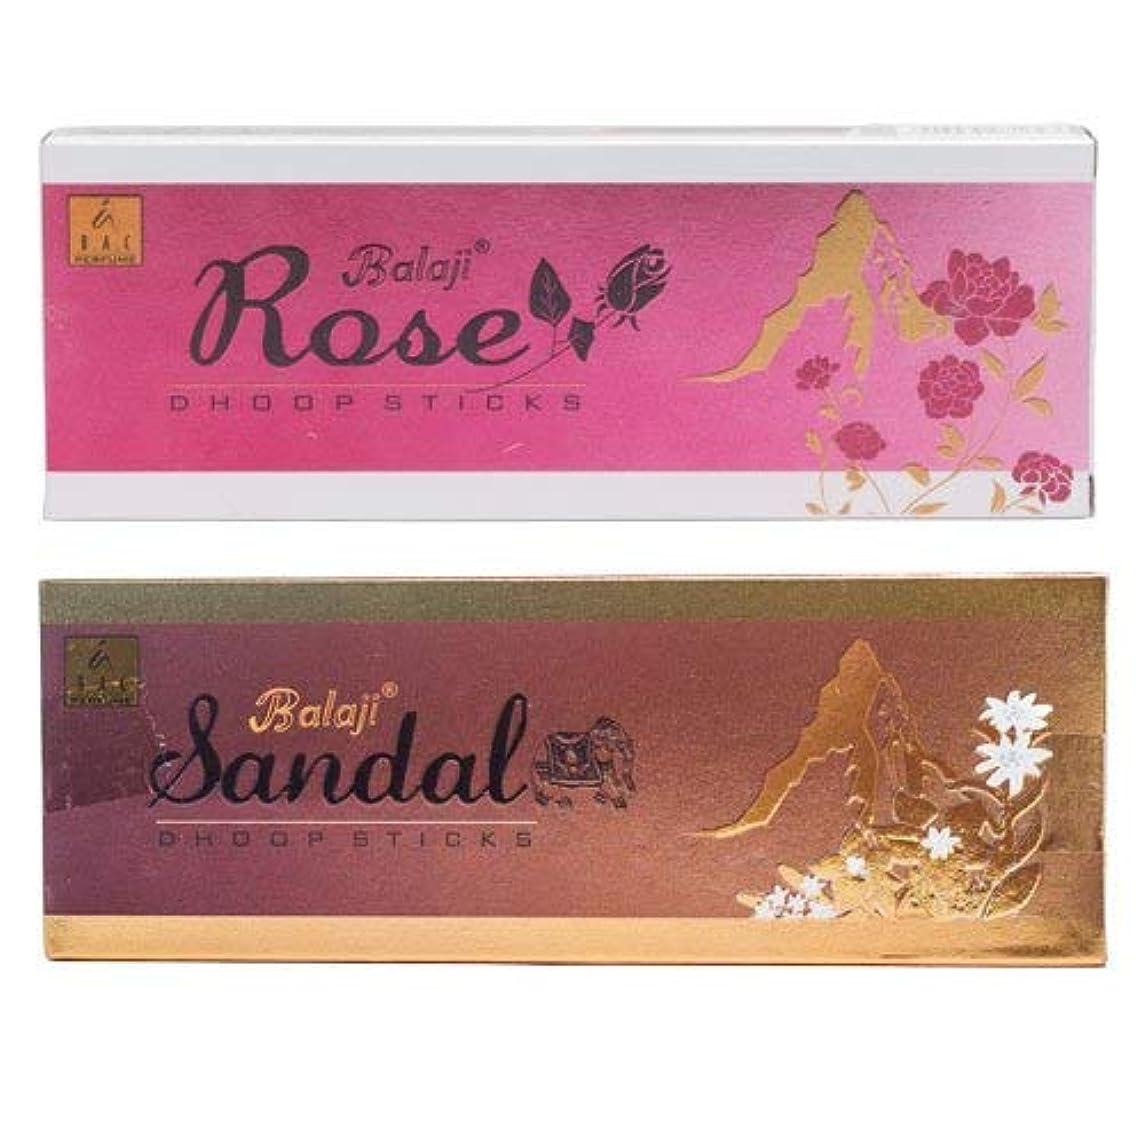 泥棒合唱団尽きるBAC Perfume Balaji Dhoop - Rose and Sandal